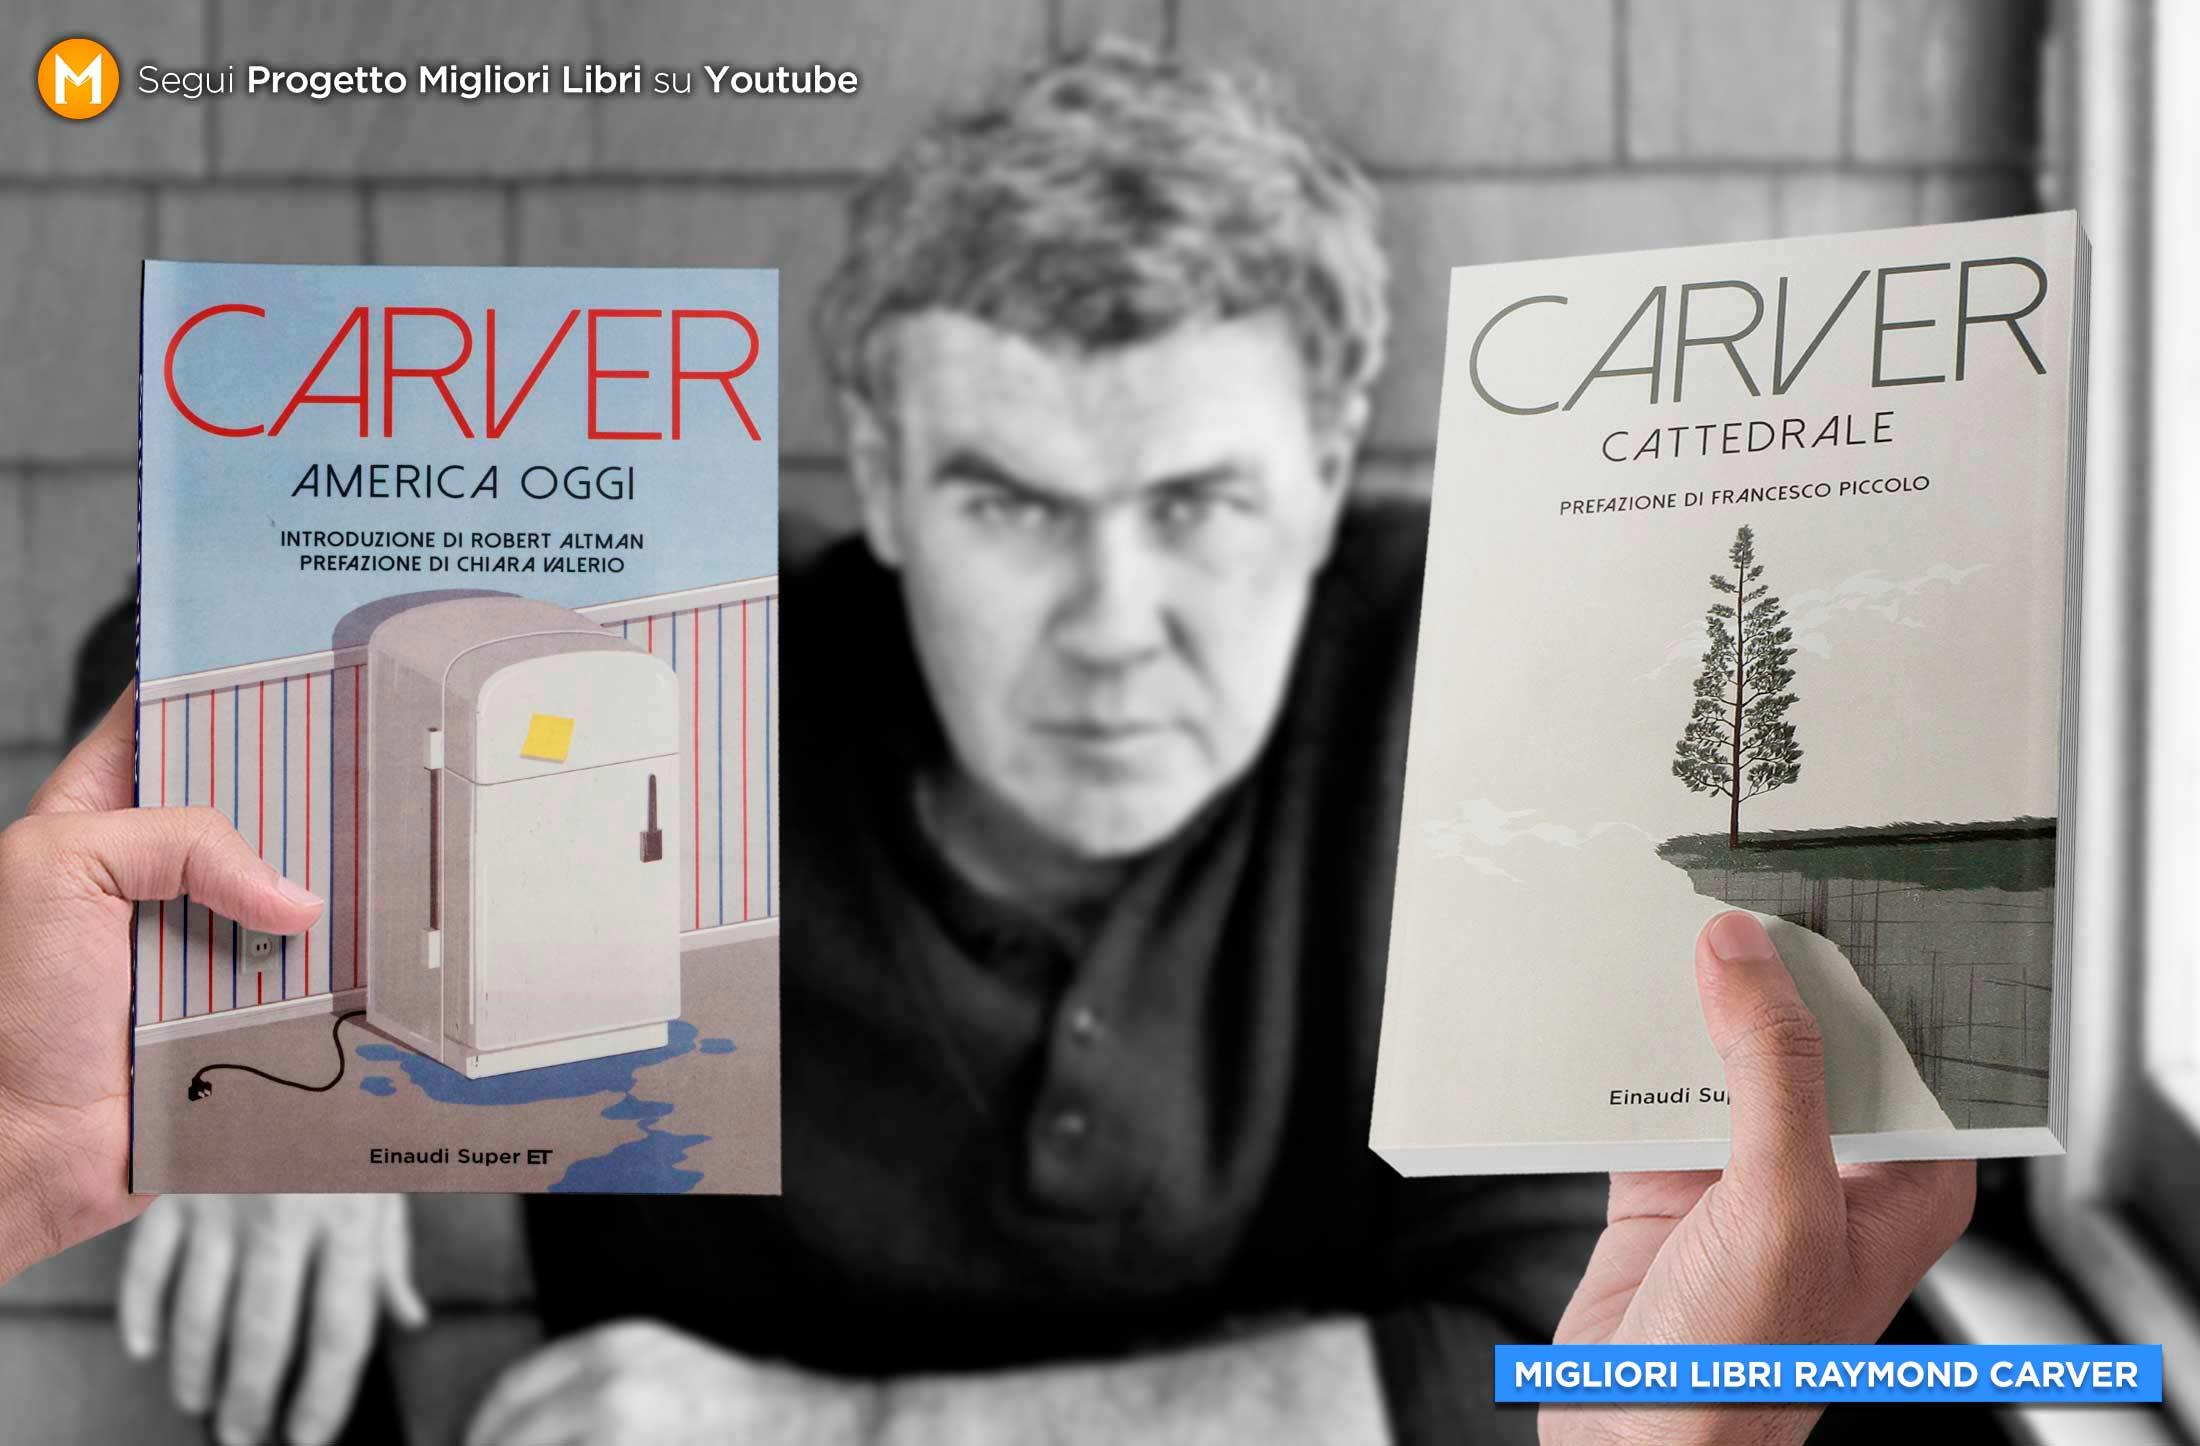 migliori-libri-raymond-carver